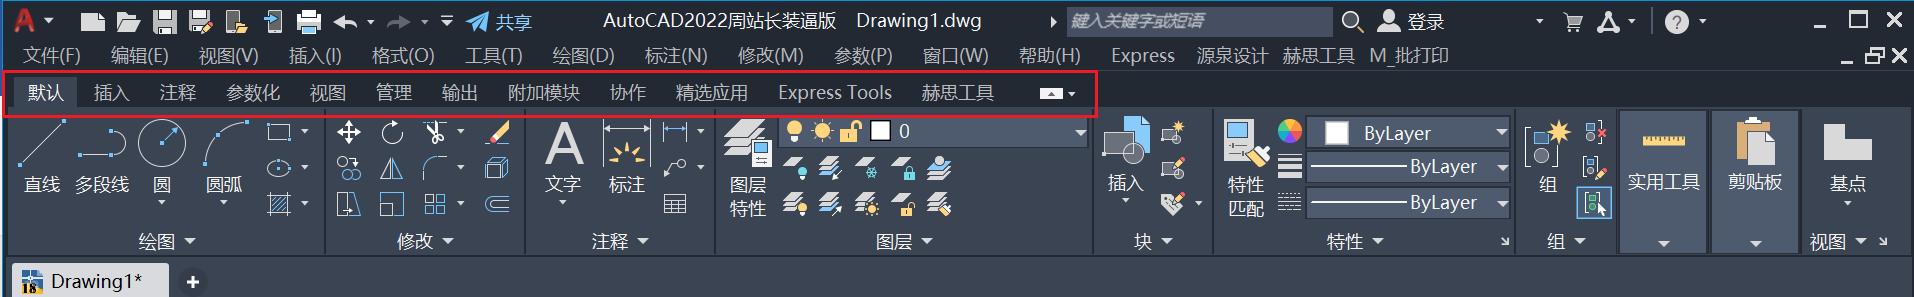 CAD功能区选项卡少了怎么办?